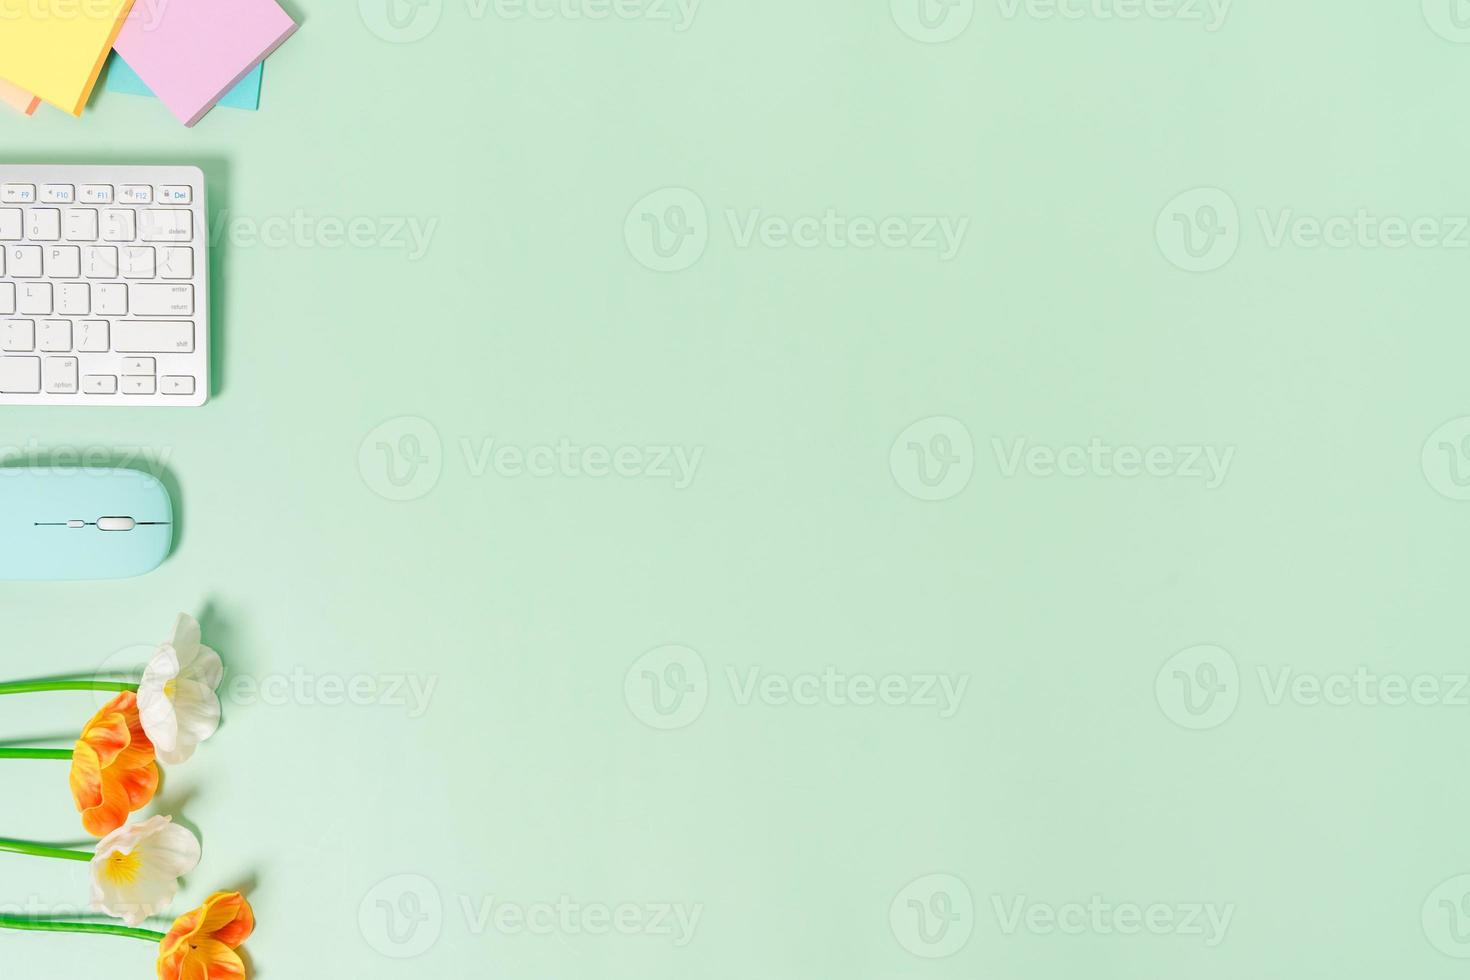 minimaler arbeitsplatz - kreatives flaches foto des arbeitsplatzes. Schreibtisch von oben mit Tastatur und Maus auf pastellgrünem Hintergrund. Draufsicht mit Kopienraum, Flachfotografie.